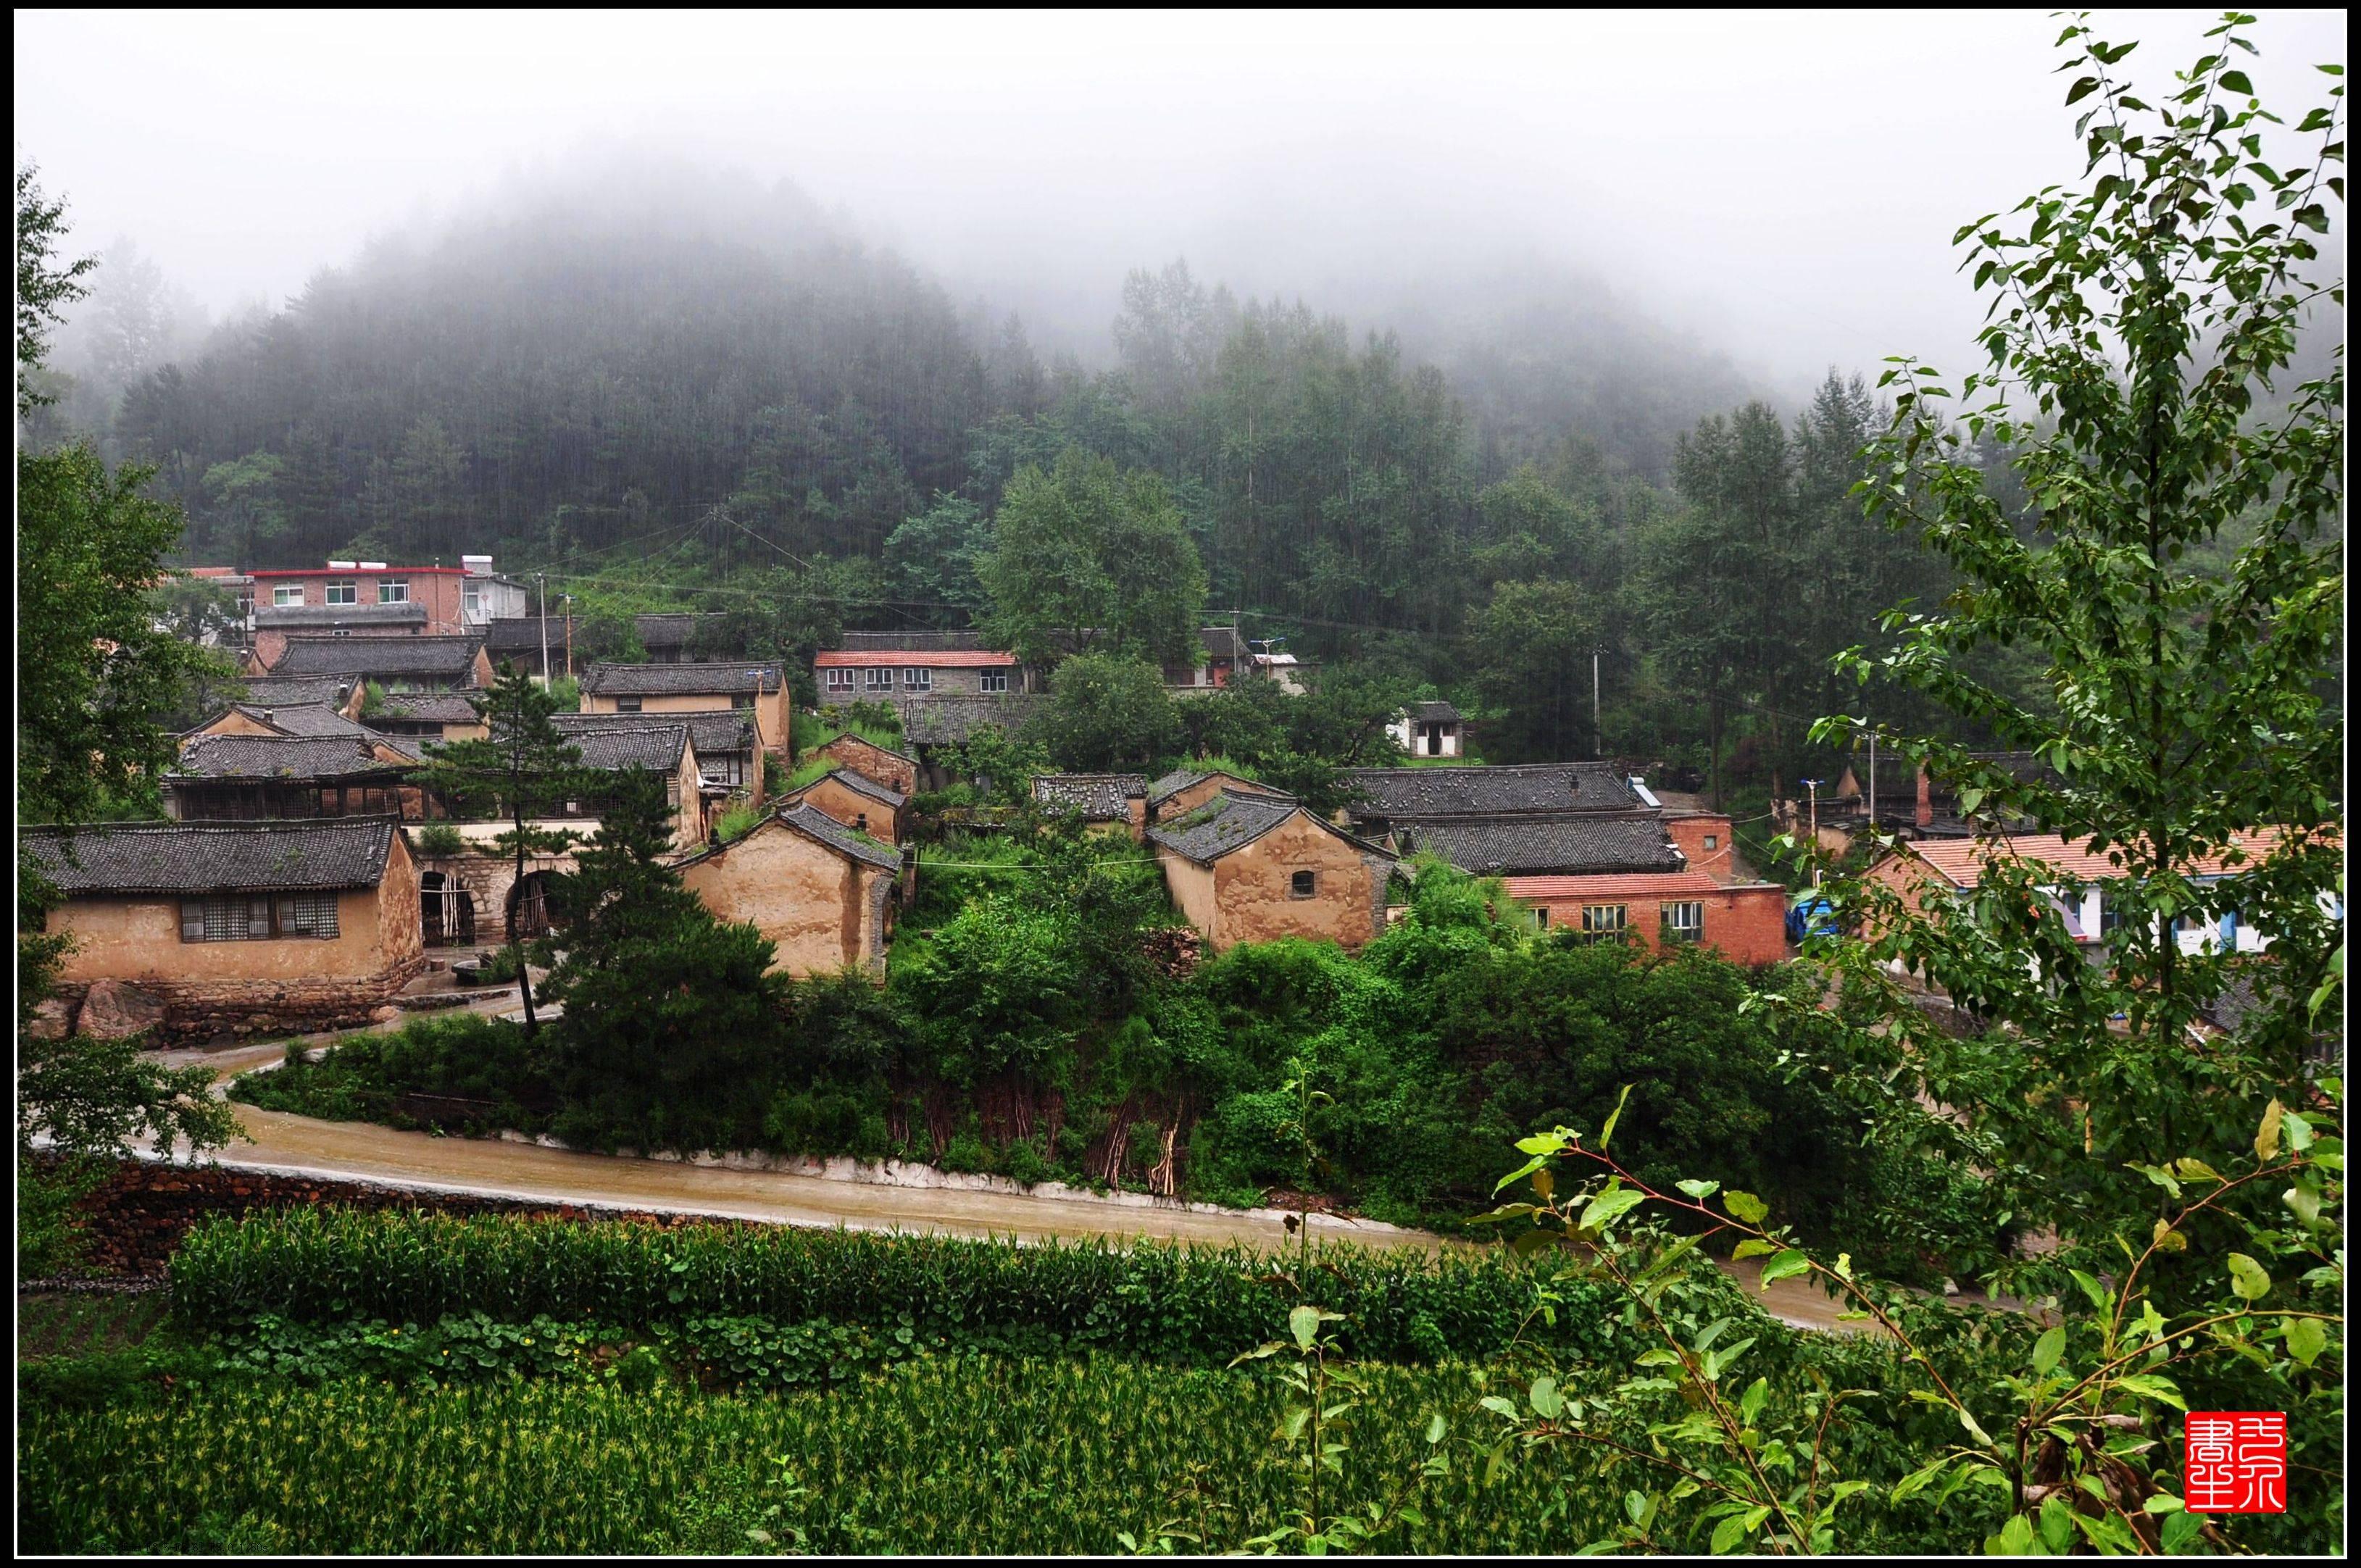 驼梁黄土台,暴雨洗礼中的小山村《百村写真》  第1张